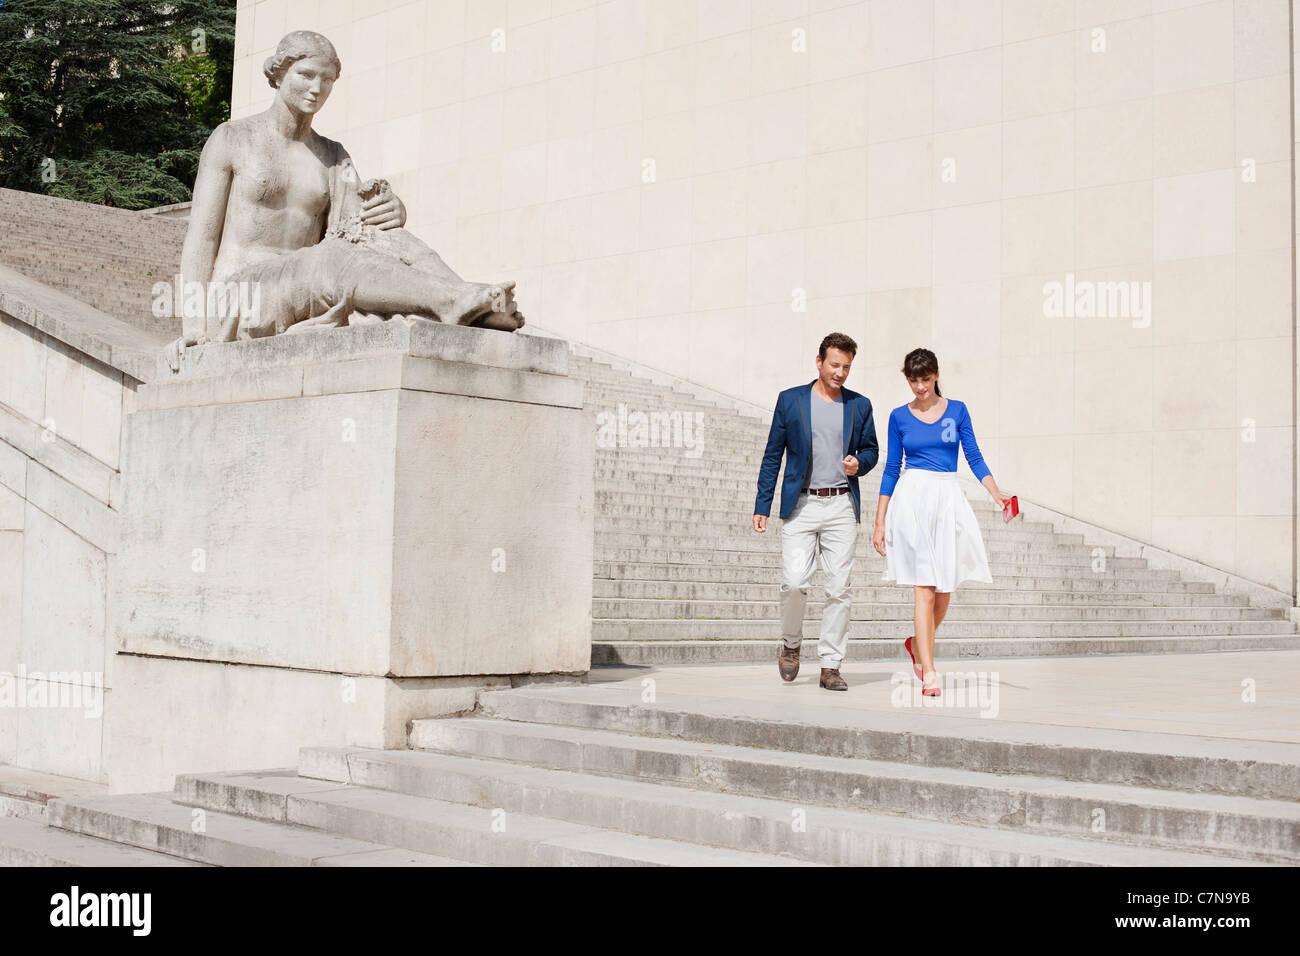 Giovane si sta spostando verso il basso le fasi, Parigi, Ile-de-France, Francia Immagini Stock